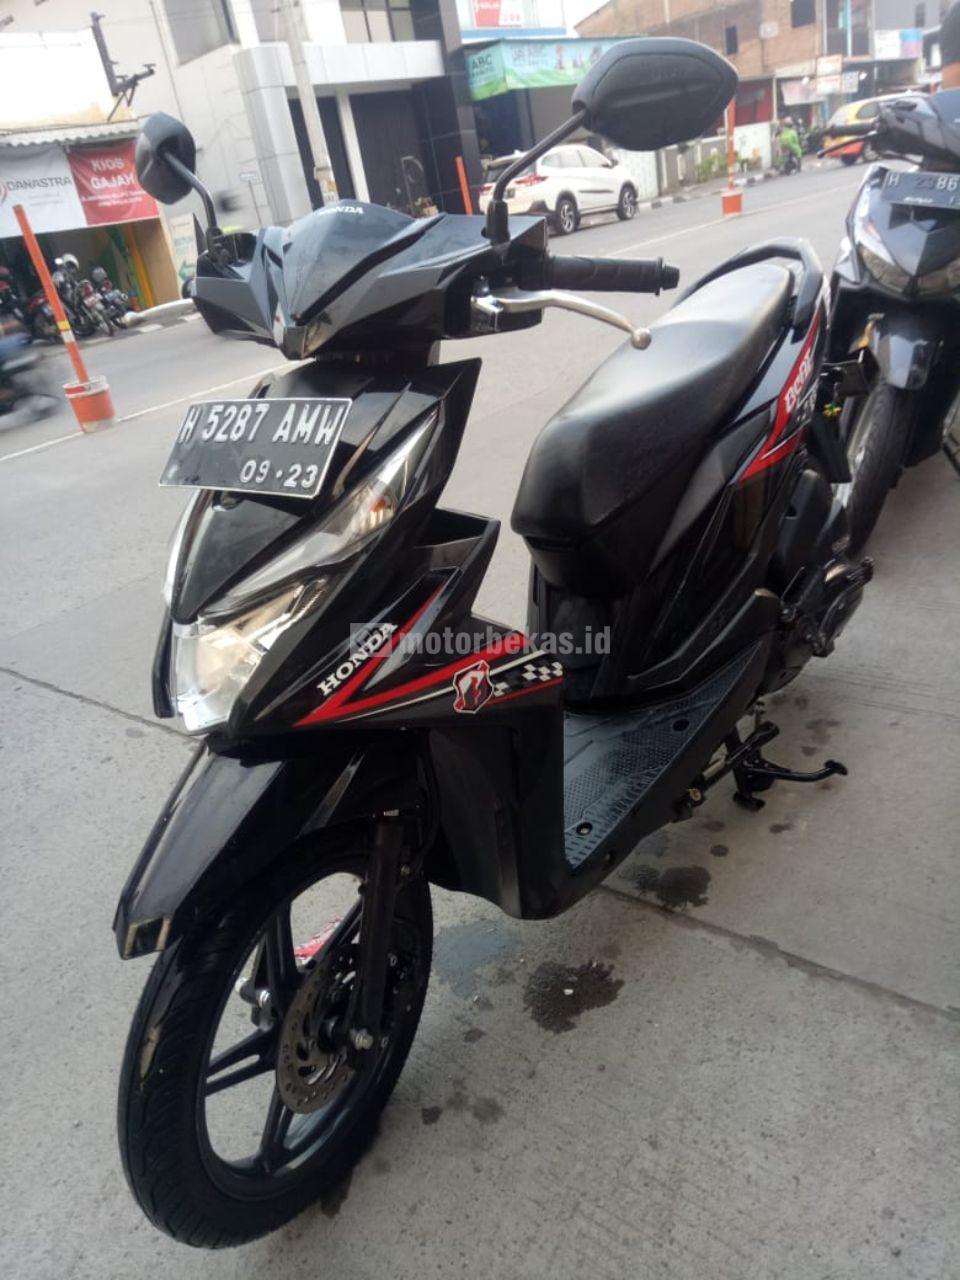 HONDA BEAT CW FI CBS  2371 motorbekas.id